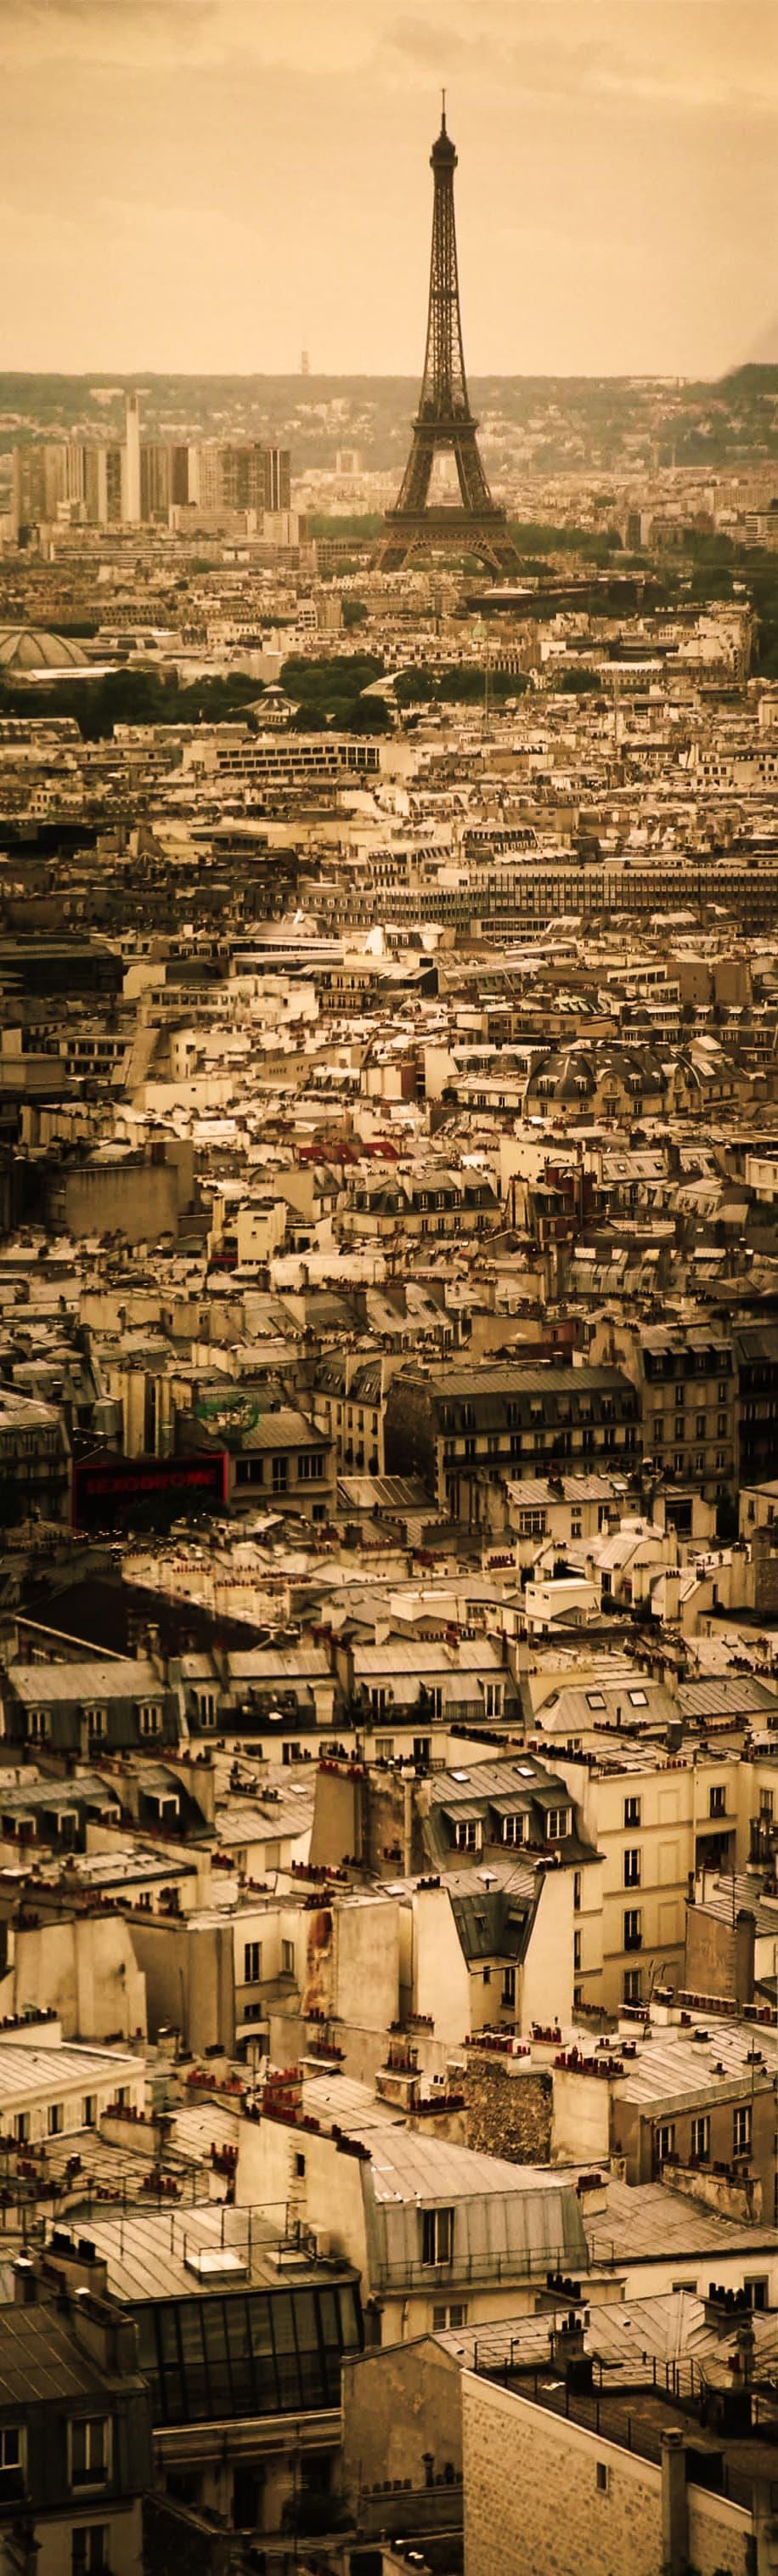 París con Torre Eiffel al fondo